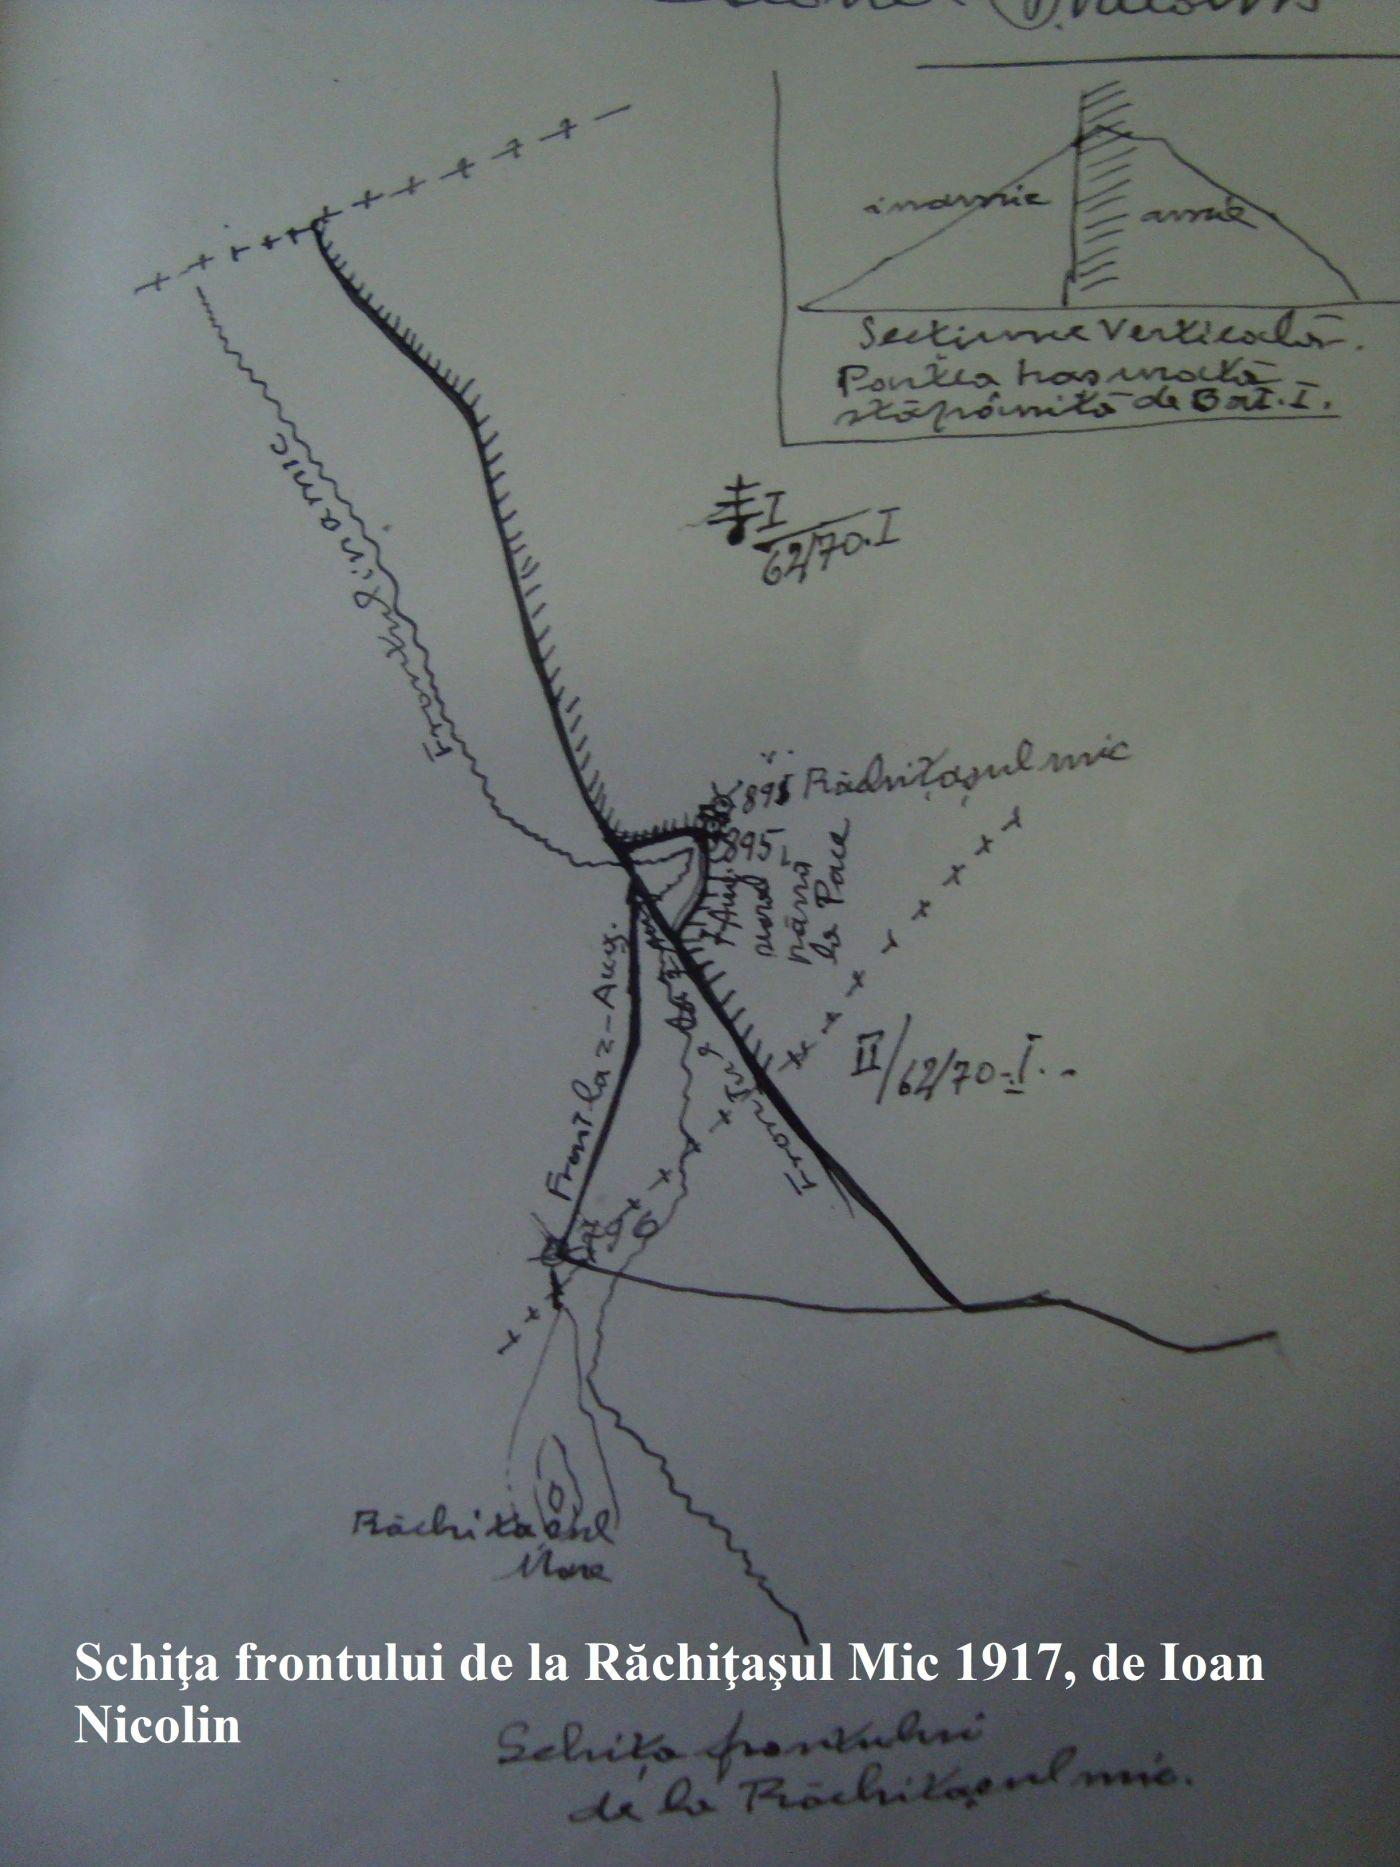 Schiţa frontului de la Răchiţaşul Mic 1917, de Ioan Nicolin